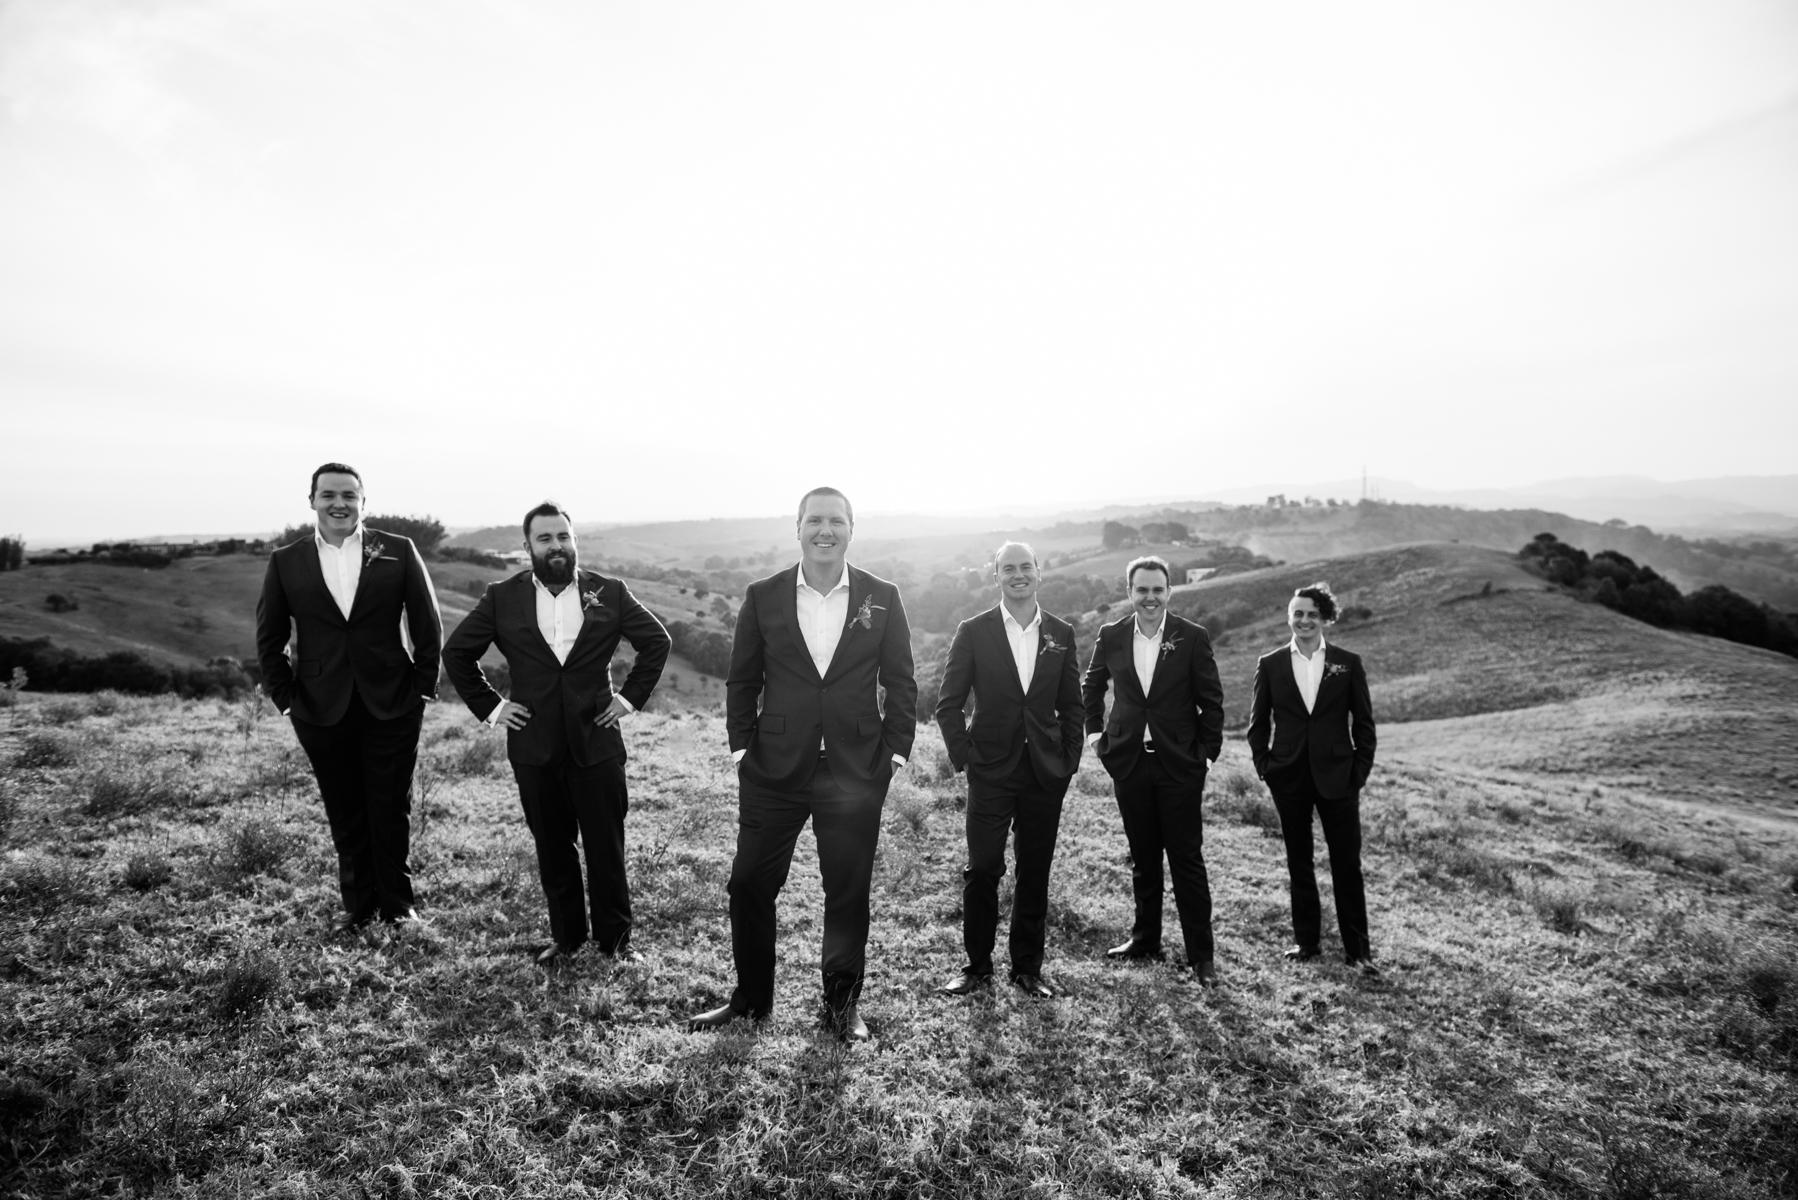 sarahandBenwedding- skyla sage photography weddings, families, byron bay,tweed coast,kingscliff,cabarita,gold coast-831.jpg